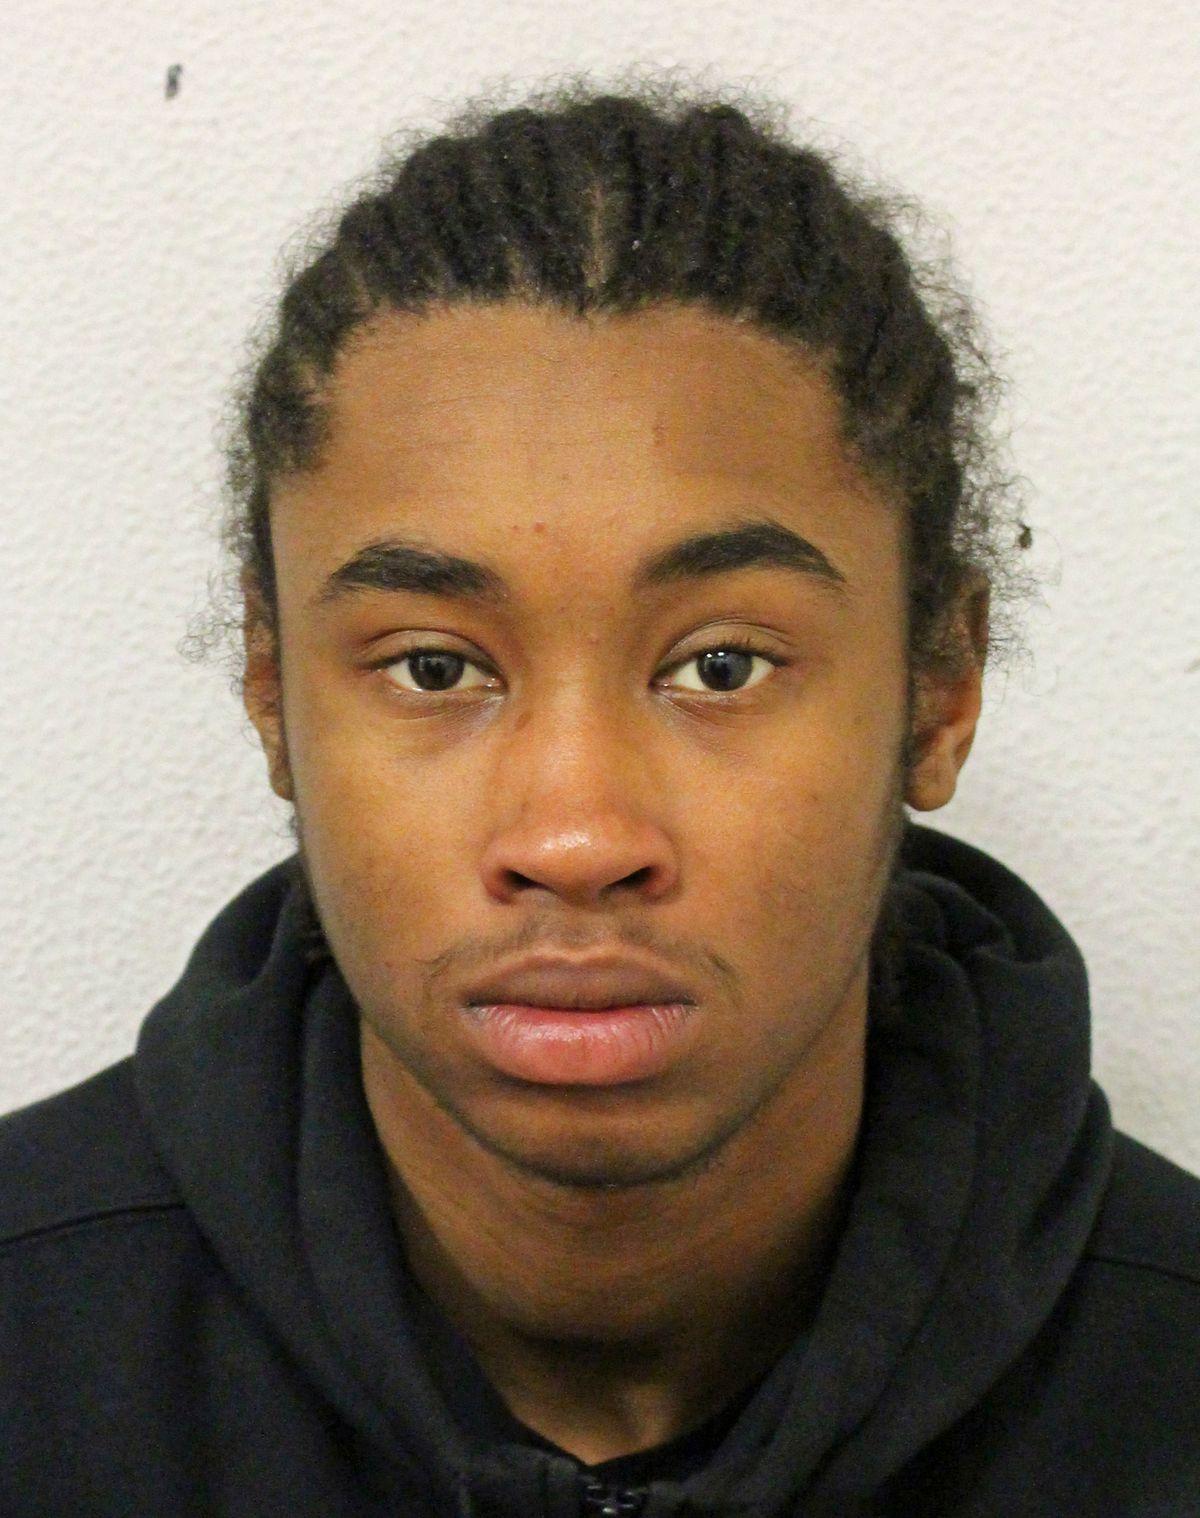 Murderer Muhammad Jalloh, 19